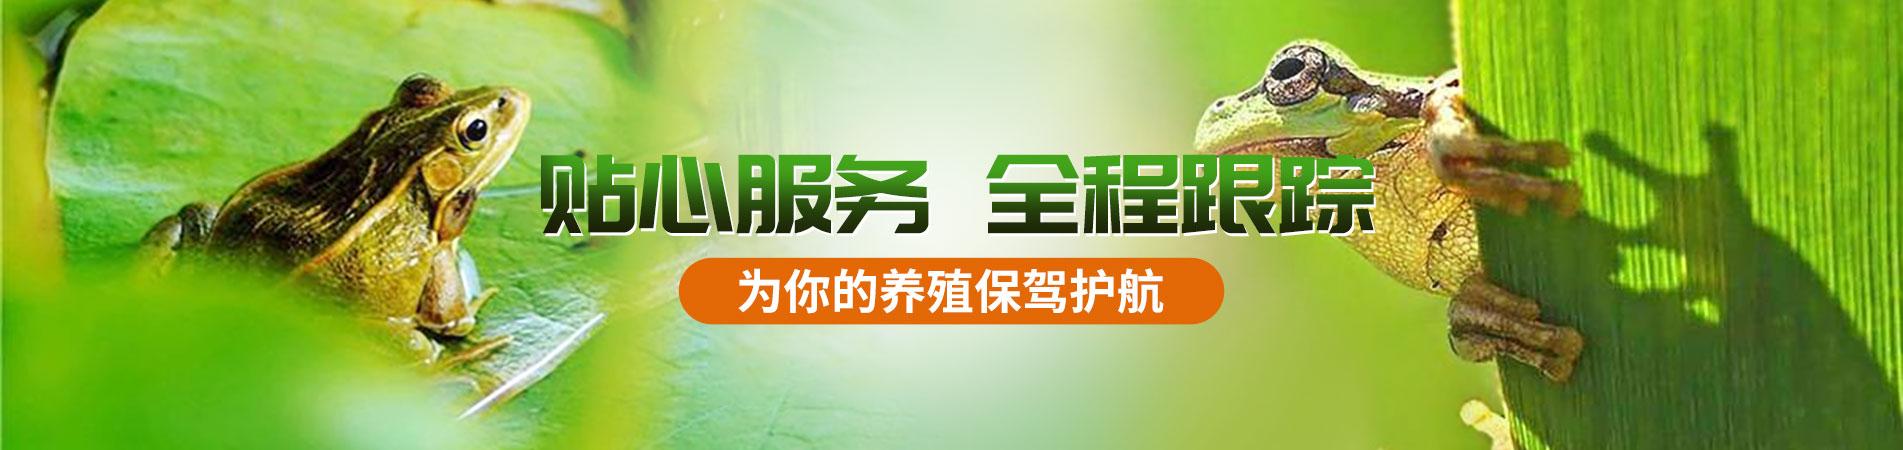 潜江市蛙之道水产养殖专业合作社